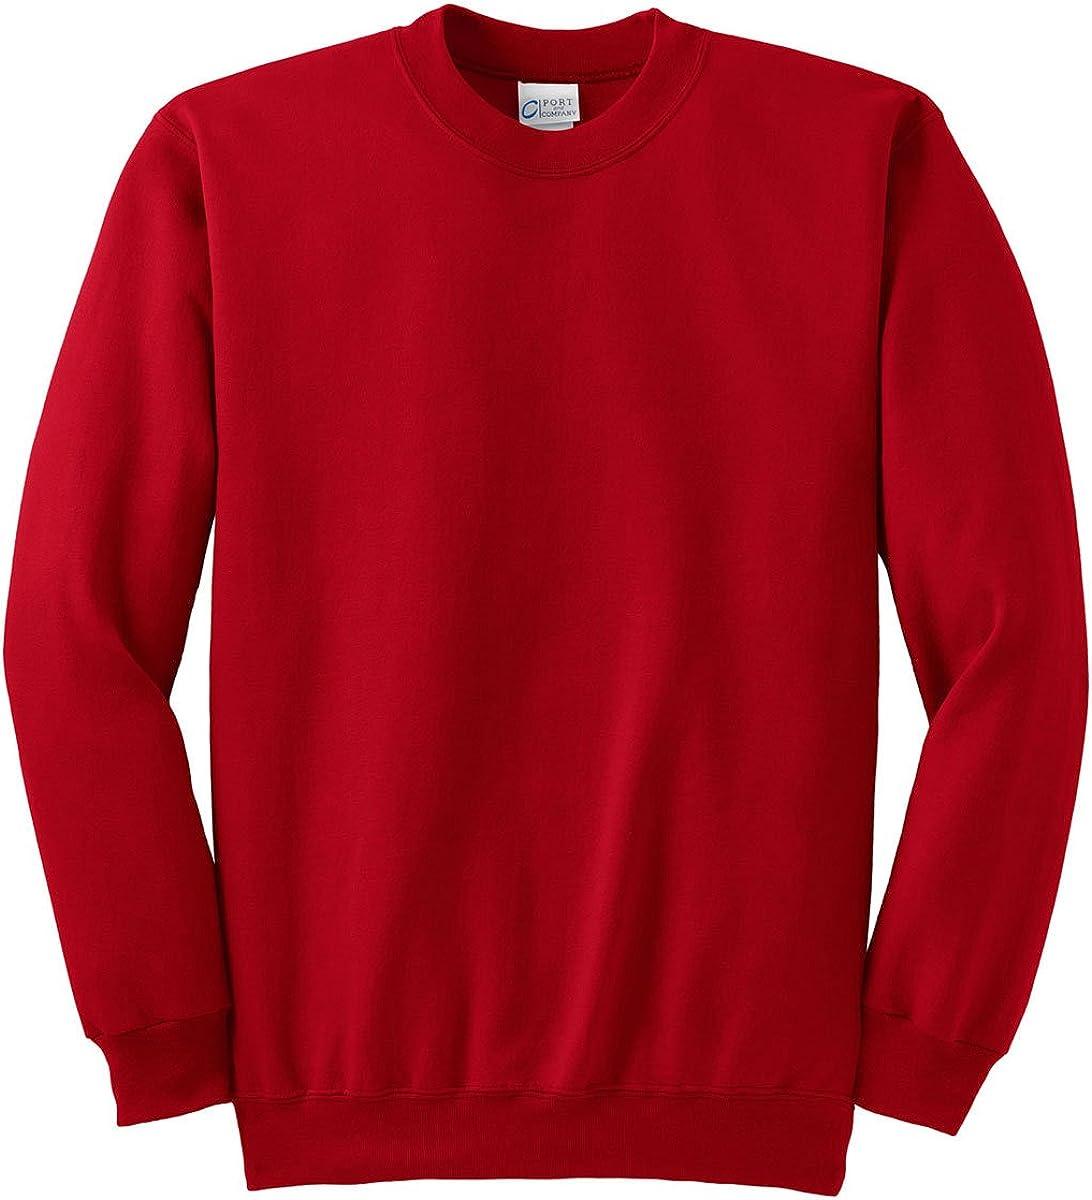 Port & Company Men's Big Perfect Crewneck Sweatshirt, Red, Small